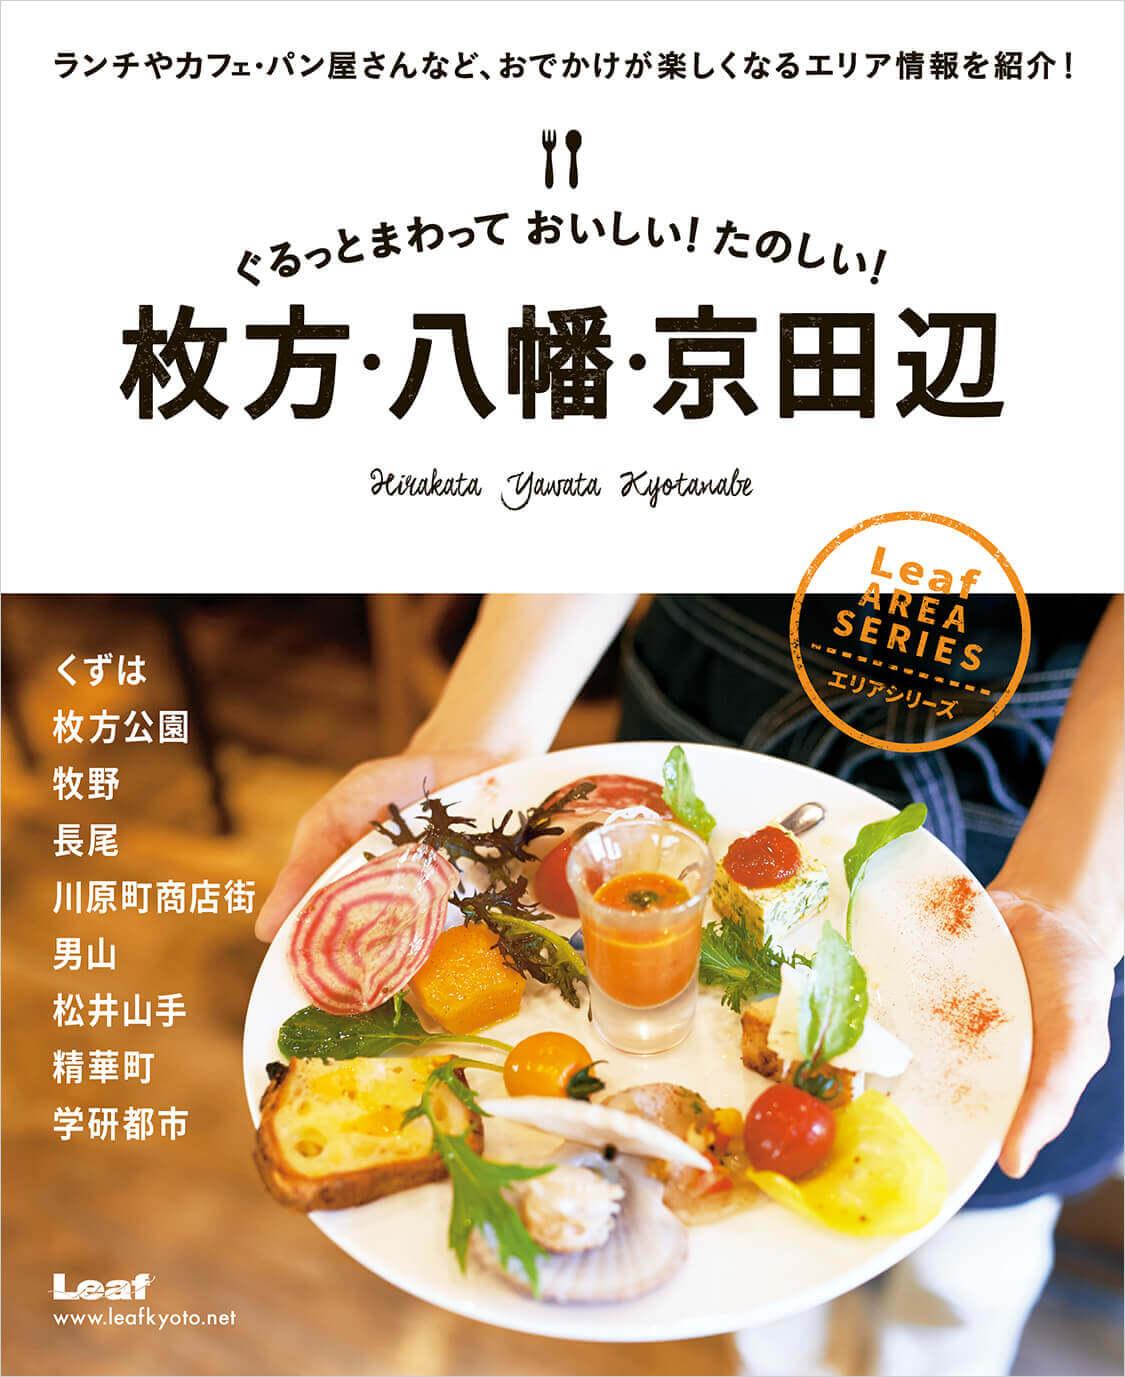 LeafMOOK 【書籍】ぐるっとまわって おいしい! たのしい! 枚方・八幡・京田辺